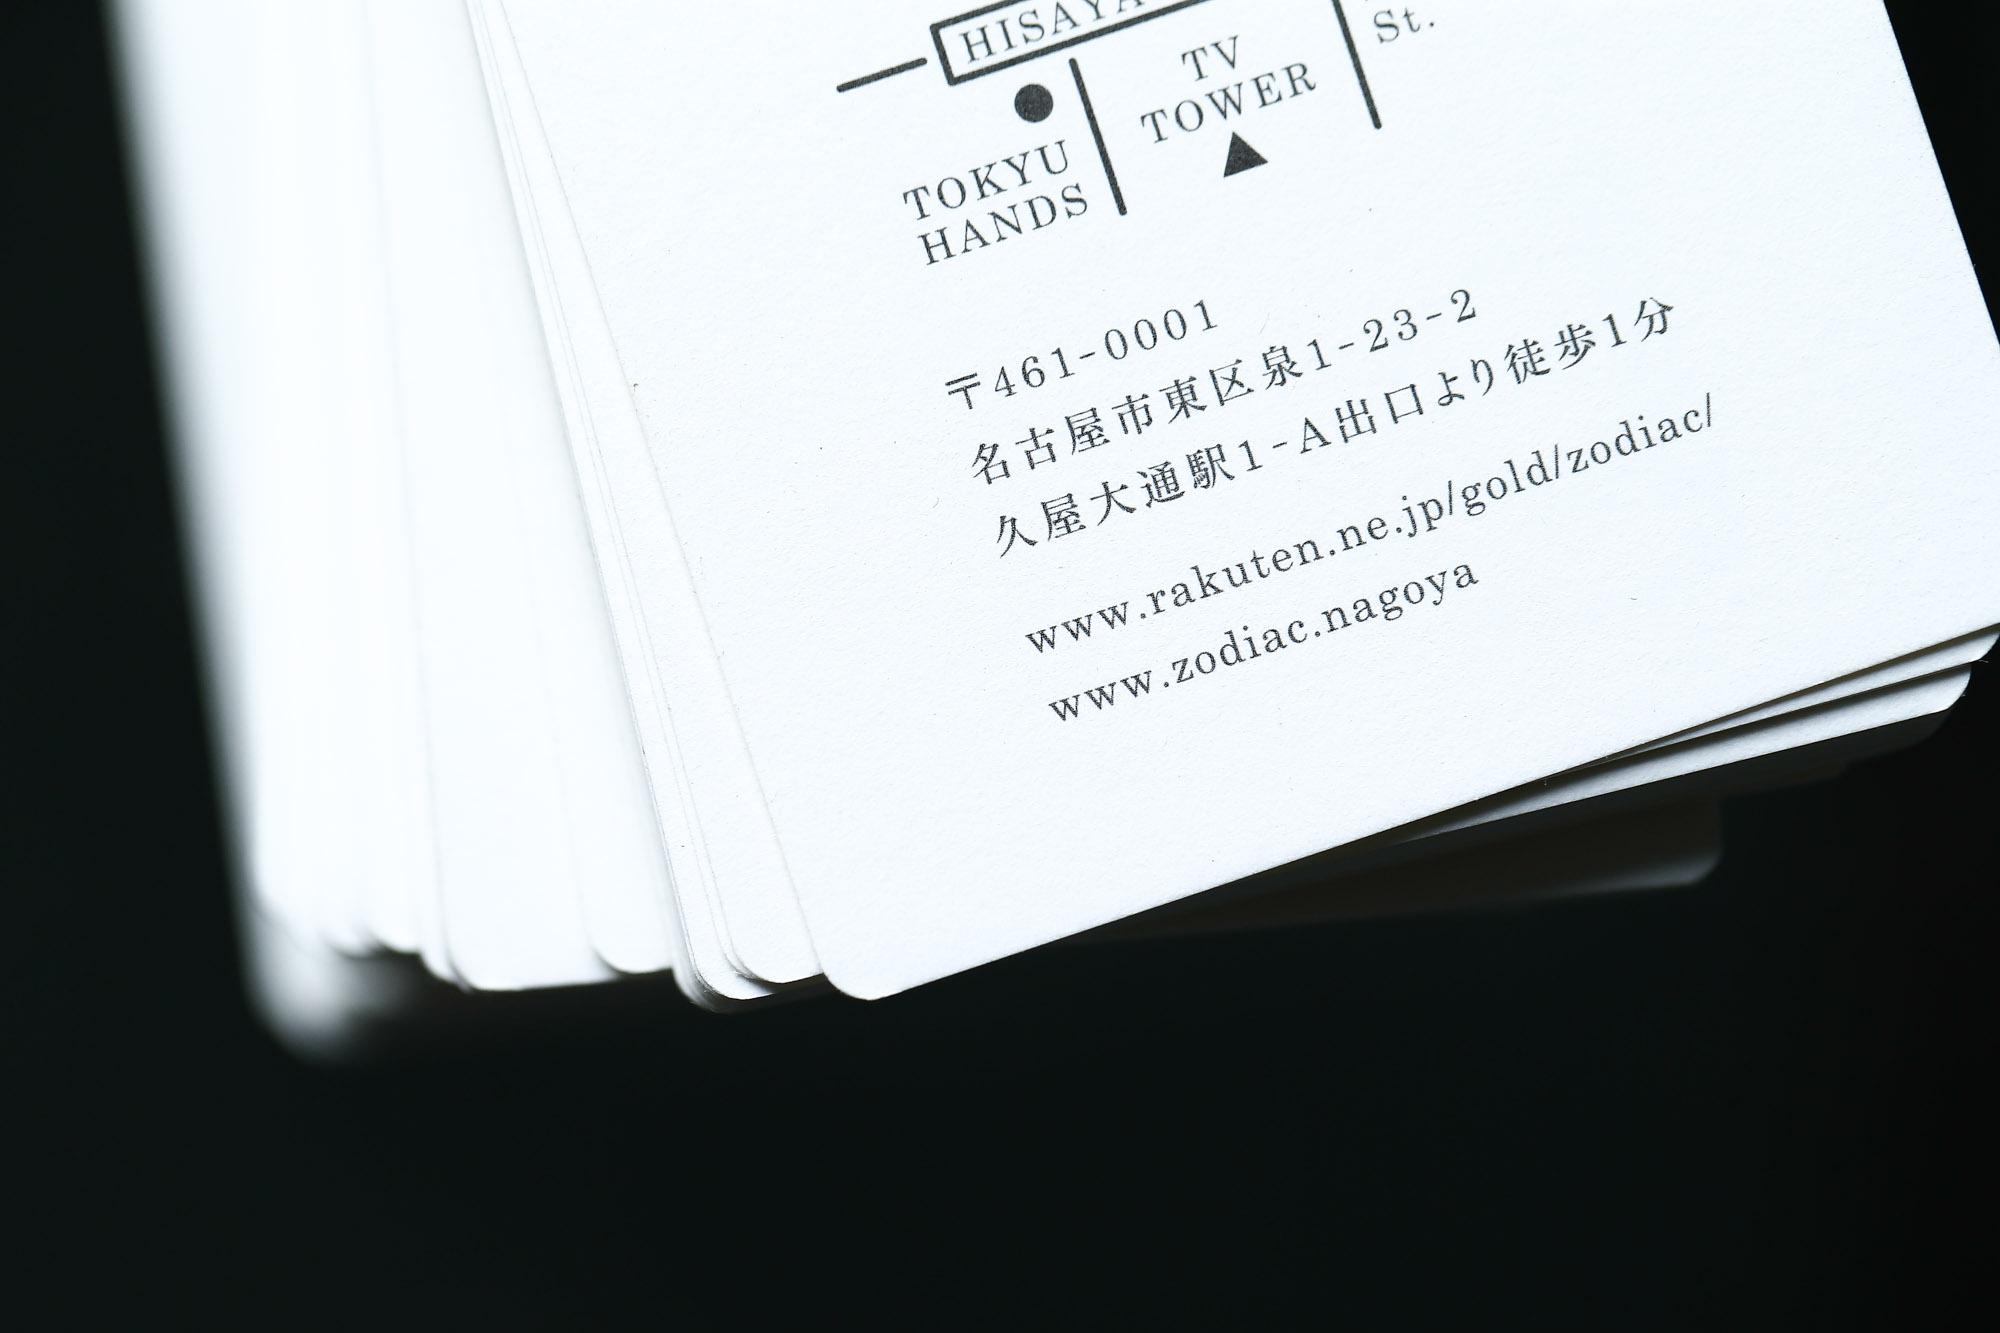 ZODIAC ゾディアック Shop card ショップカード 3階建て Building www.zodiac.nagoya ZODIAC ゾディアック 愛知 名古屋 洋服屋 セレクトショップ アメリカ イタリア イギリス adidas / アディダス  ALESSANDRO GHERARDI / アレッサンドロ ゲラルディ  Allen Edmonds / アレンエドモンズ  ANDERSEN-ANDERSEN / アンデルセン アンデルセン  Barbour / バブアー  BOGLIOLI / ボリオリ  BROOKS / ブルックス  BROOKS HERITAGE / ブルックスヘリテージ  CAMBER / キャンバー  CENTINELA / センチネラ  Champion / チャンピオン  CINQUANTA / チンクアンタ  CONVERSE / コンバース  CORONADO LEATHER / コロナドレザー  Crescent Down Works / クレセントダウンワークス  Cuervo / クエルボ  DANNER / ダナー  DSPTCH / ディスピッチ  ENZO BONAFE / エンツォボナフェ  FILSON / フィルソン  Gitman Brothers / ギットマンブラザーズ  Gitman Vintage / ギットマンヴィンテージ  Glanshirt / グランシャツ  Gloverall / グローバーオール  GTA / ジーティーアー  HEINRICH DINKELACKER / ハインリッヒディンケラッカー  Horween Shell Cordovan Leather / ホーウィンシェルコードバンレザー  INCOTEX / インコテックス  INCOTEX SLACKS / インコテックススラックス  INDIVIDUALIZED SHIRTS / インディビジュアライズドシャツ  INVERALLAN / インバーアラン  ISAIA / イザイア  JAMES GROSE / ジェームスグロース  JOHN SMEDLEY / ジョンスメドレー  JULIAN BOOTS / ジュリアンブーツ  JUTTA NEUMANN / ユッタニューマン  J.W.BRINE / J.W.ブライン  Kennett & Lindsell / ケネットアンドリンゼル  Loake England / ロークイングランド  MADE BY SEVEN -REUSE- / メイドバイセブンリユース  Merz b. Schwanen / メルツベーシュヴァーネン  MONTEDORO / モンテドーロ  MOONSTAR / ムーンスター  New Balance / ニューバランス  ORTEGA'S / オルテガ  Pantofola d'Oro / パントフォラドーロ  Radice / ラディーチェ  RICHARD J. BROWN / リチャード ジェイ ブラウン  THE SANDALMAN / ザ・サンダルマン  Sealup / シーラップ  Settefili Cashmere / セッテフィーリカシミア  South Paradiso Leather / サウスパラディソレザー  Vanson Leather / バンソンレザー  VENETIAN CREAM / ベネチアンクリーム  WALSH / ウォルシュ  WHITE'S BOOTS / ホワイツブーツ  Worn By / ウォーンバイ  WORN FREE / ウォーンフリー  ZANONE / ザノーネ